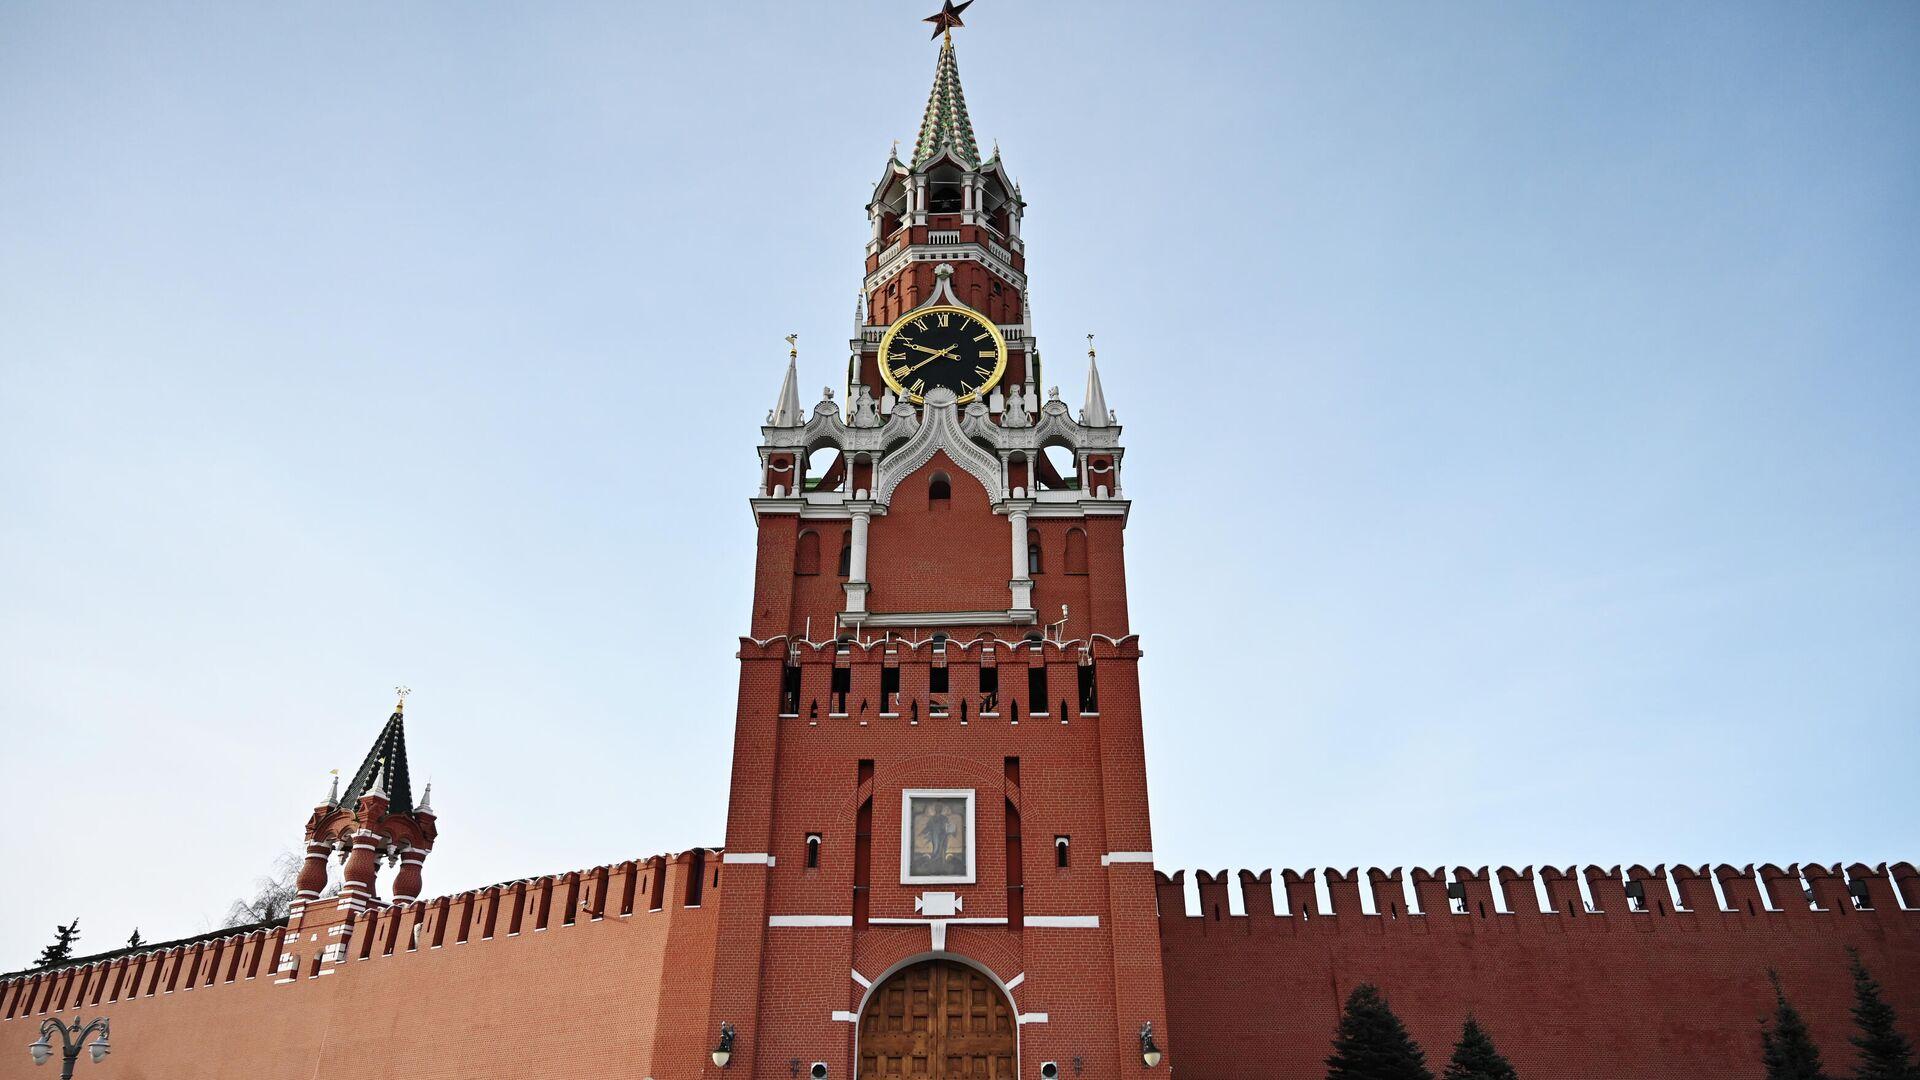 Фроловская башня, ставшая Спасской, и Кока-Кола со свастикой - РИА Новости, 1920, 26.04.2020